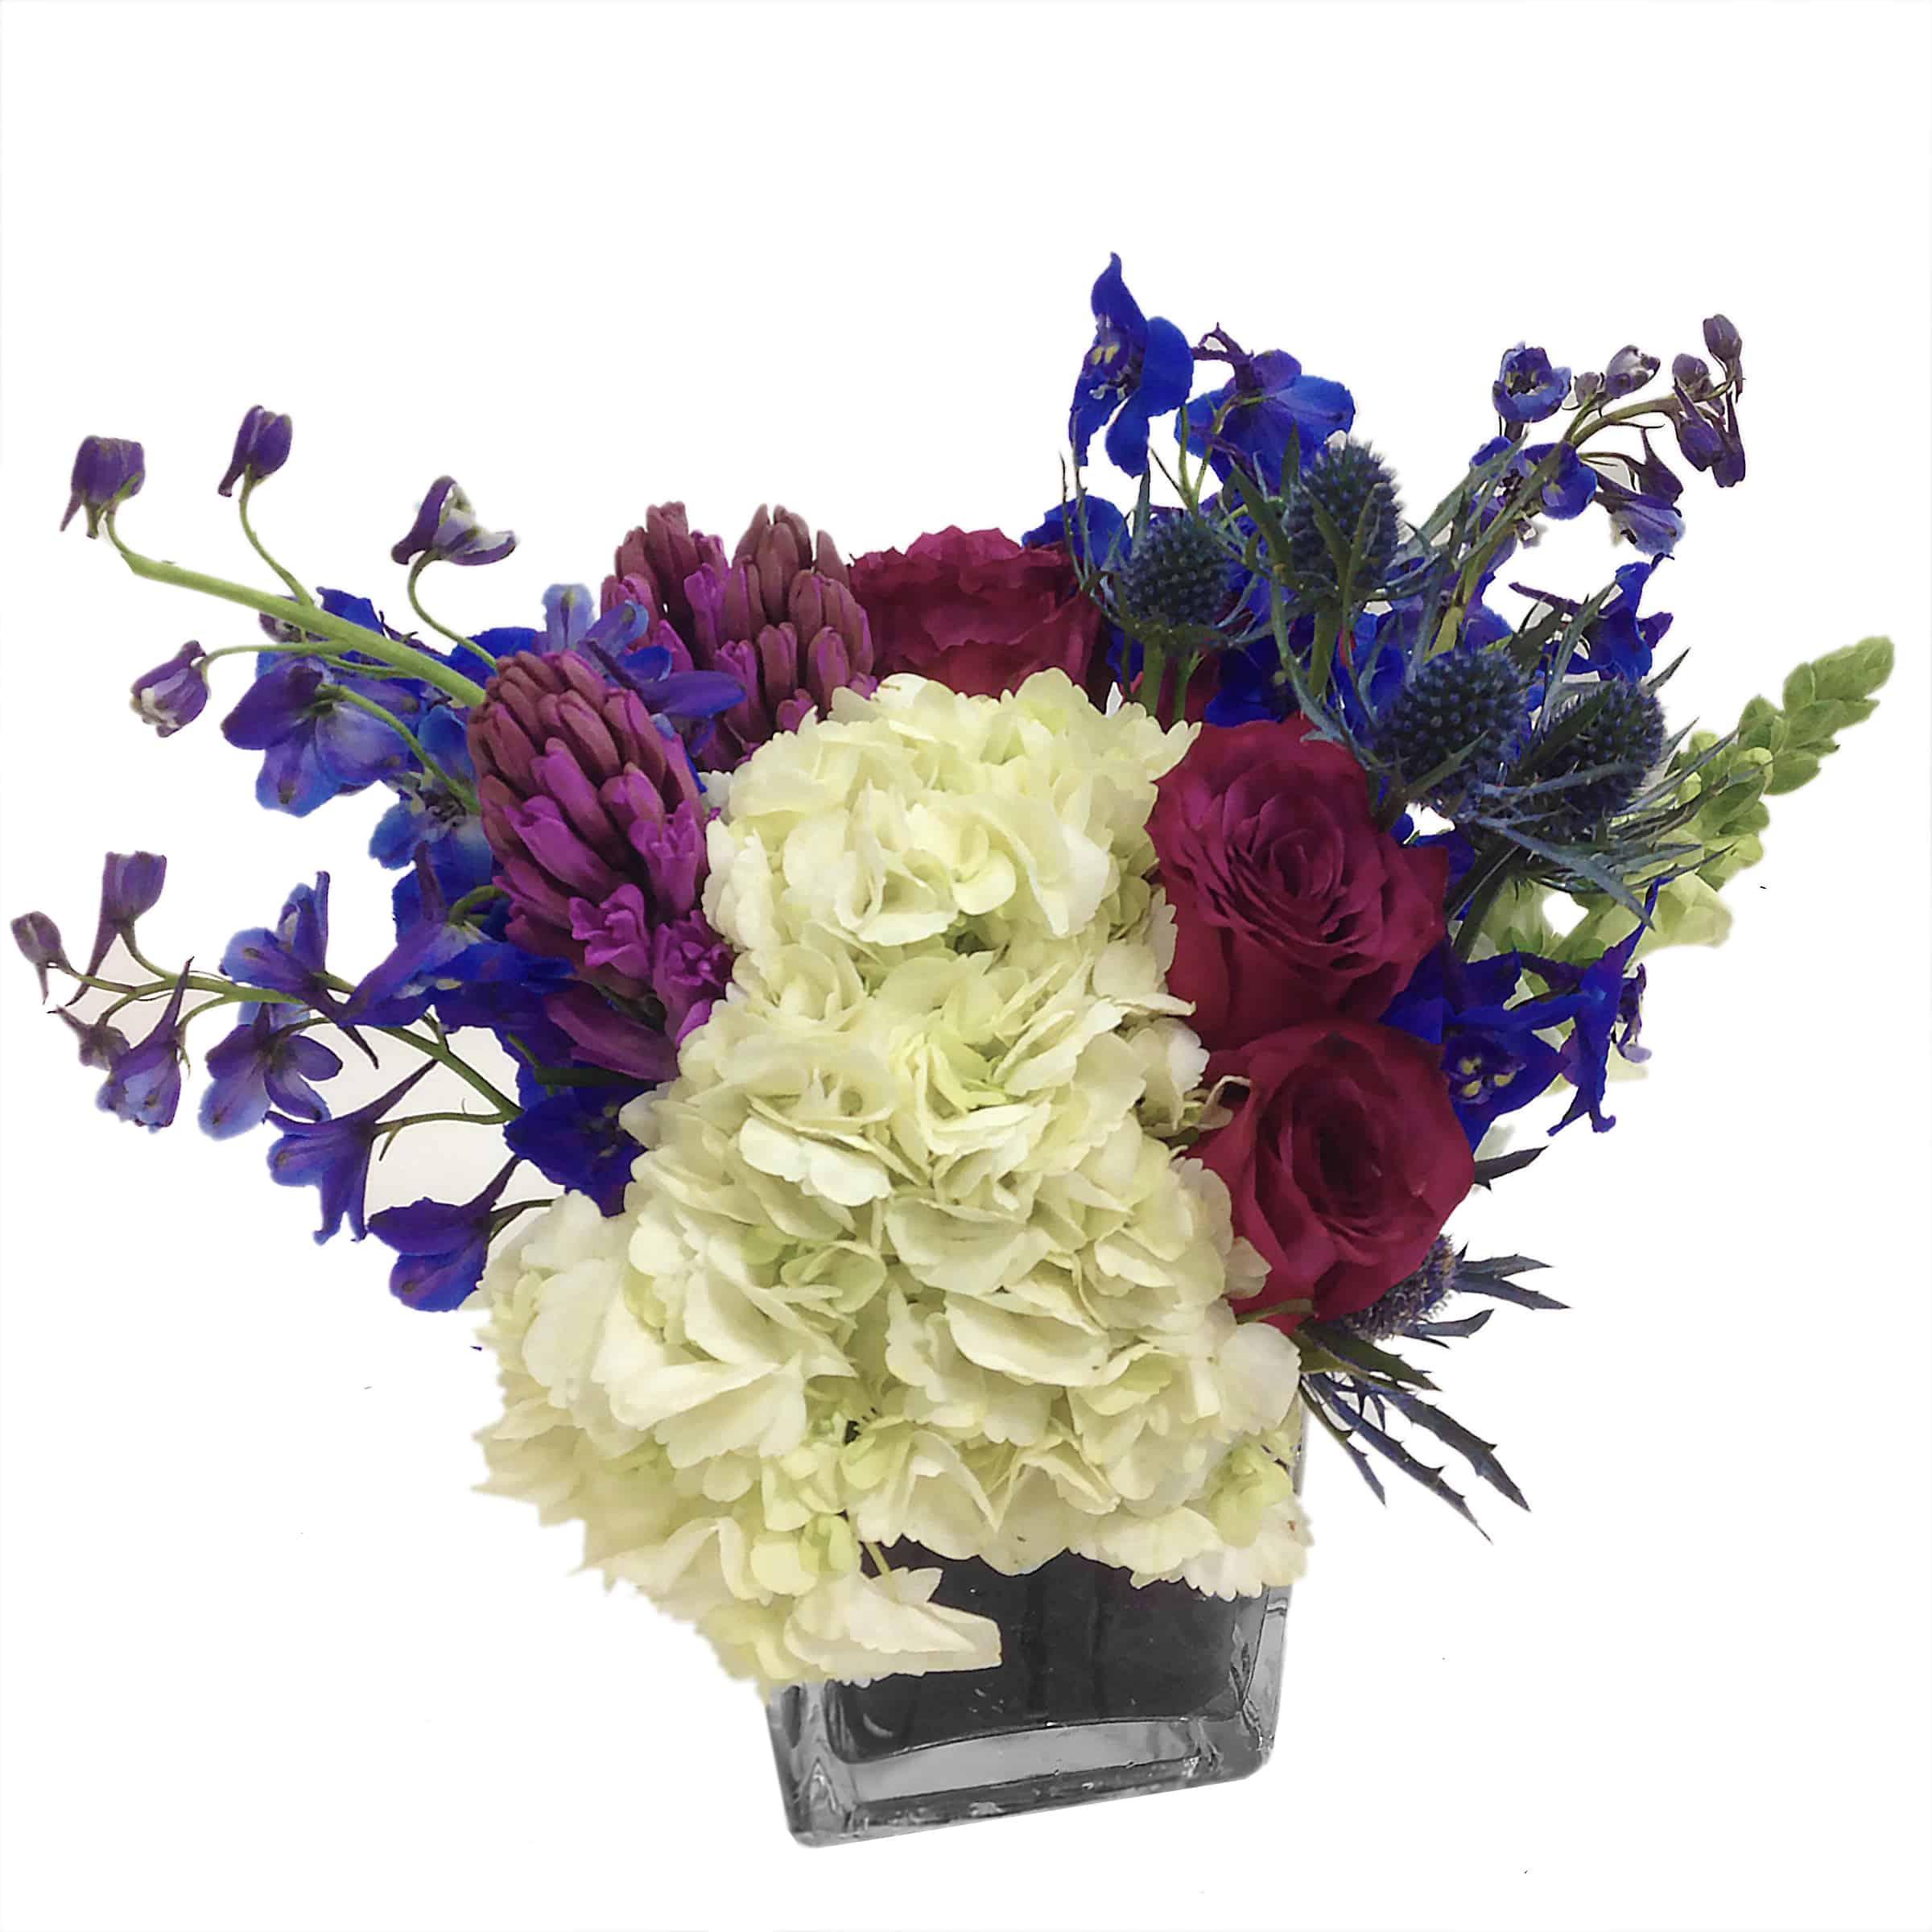 Azzurro Toscano Due - Flower Arrangement